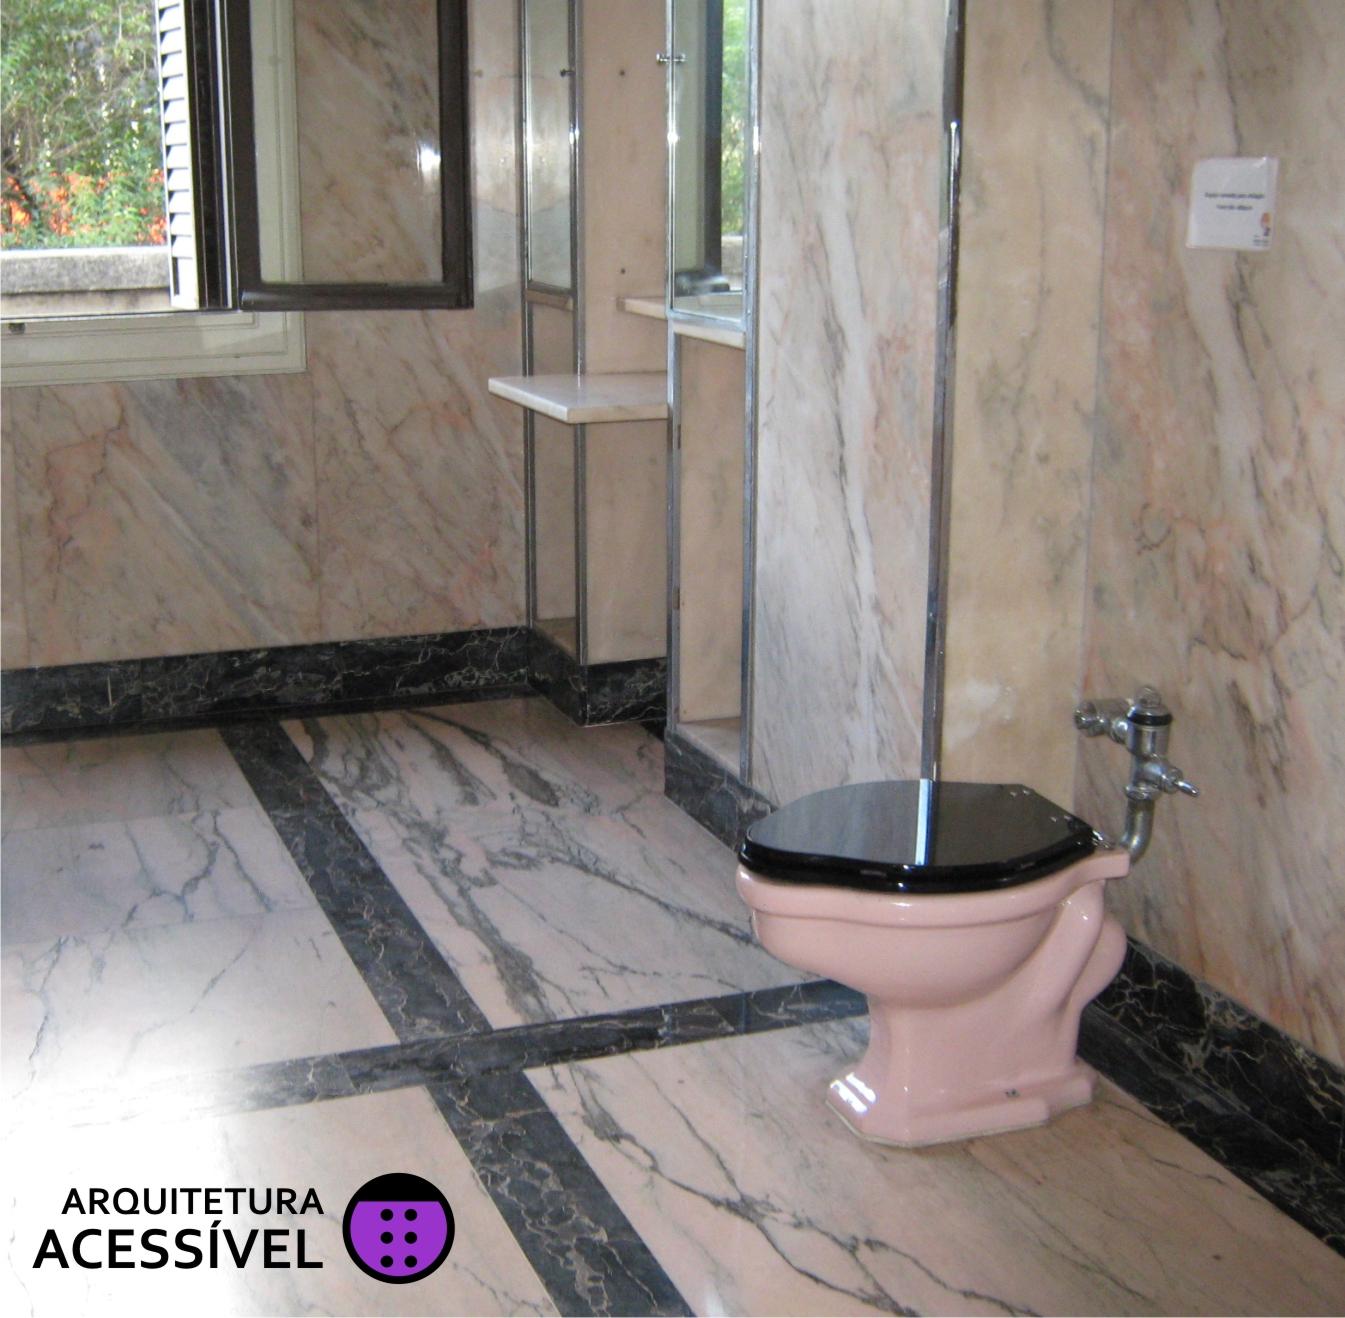 Antigamente… Arquitetura Acessível #5F7A51 1345x1318 Banheiro Acessivel Medidas Minimas